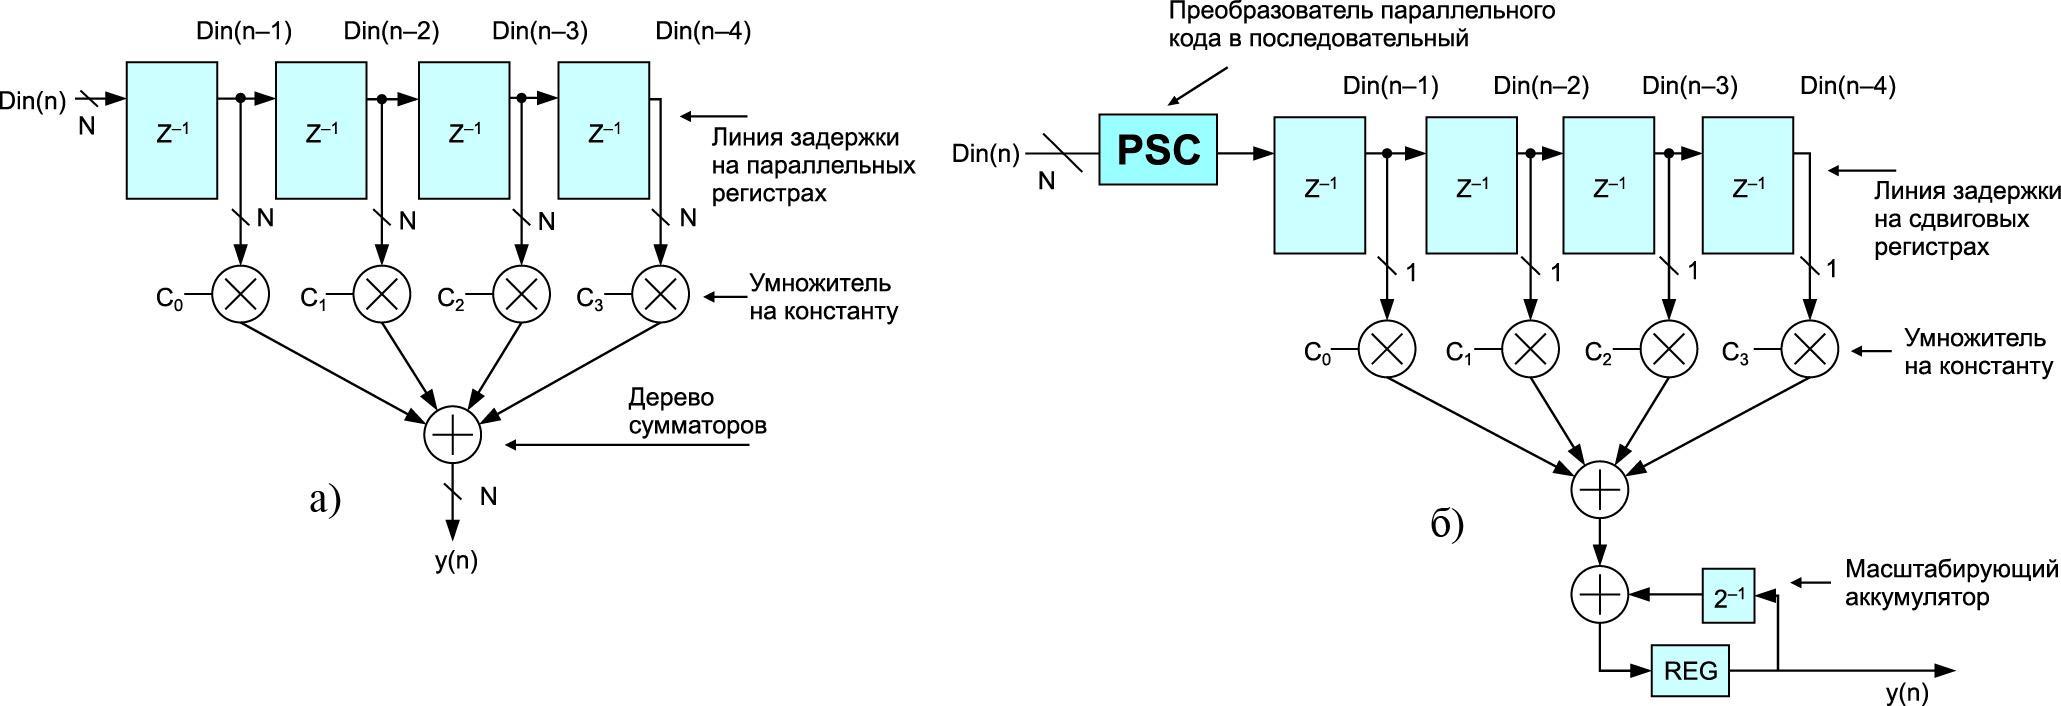 Фильтры на четыре отвода для реализации в базисе цифровых сигнальных процессоров